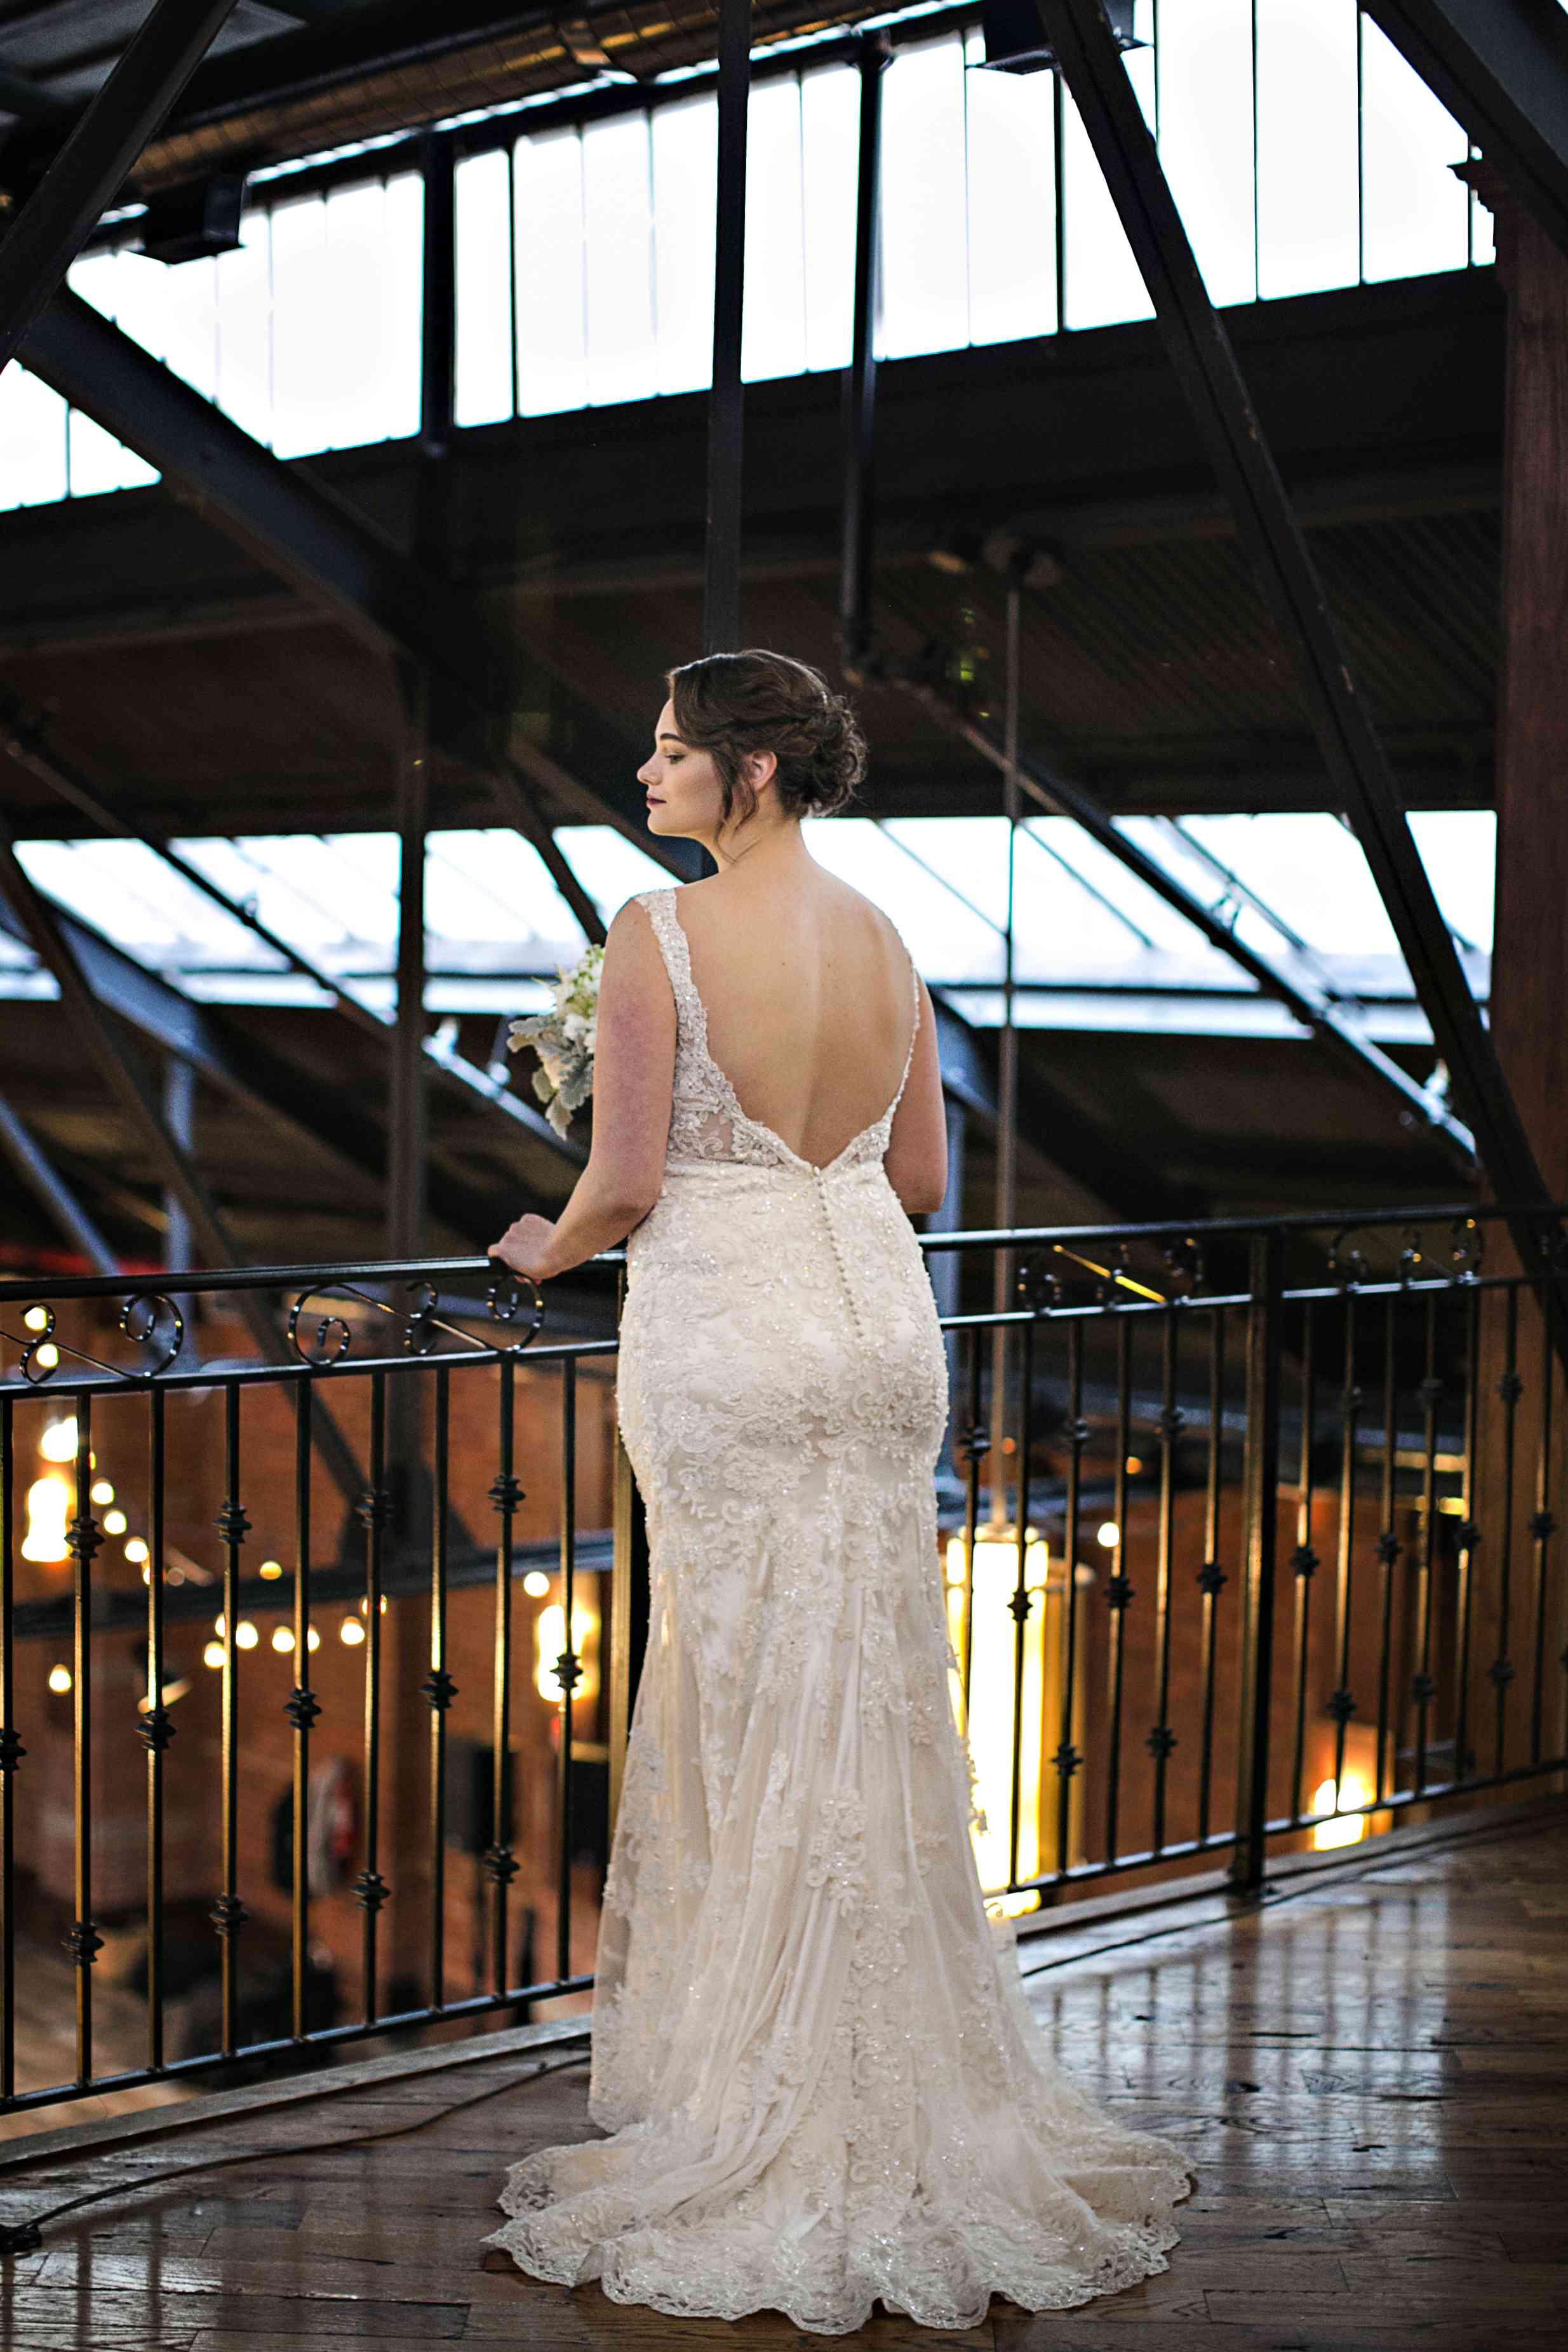 Jennie Runk at her wedding